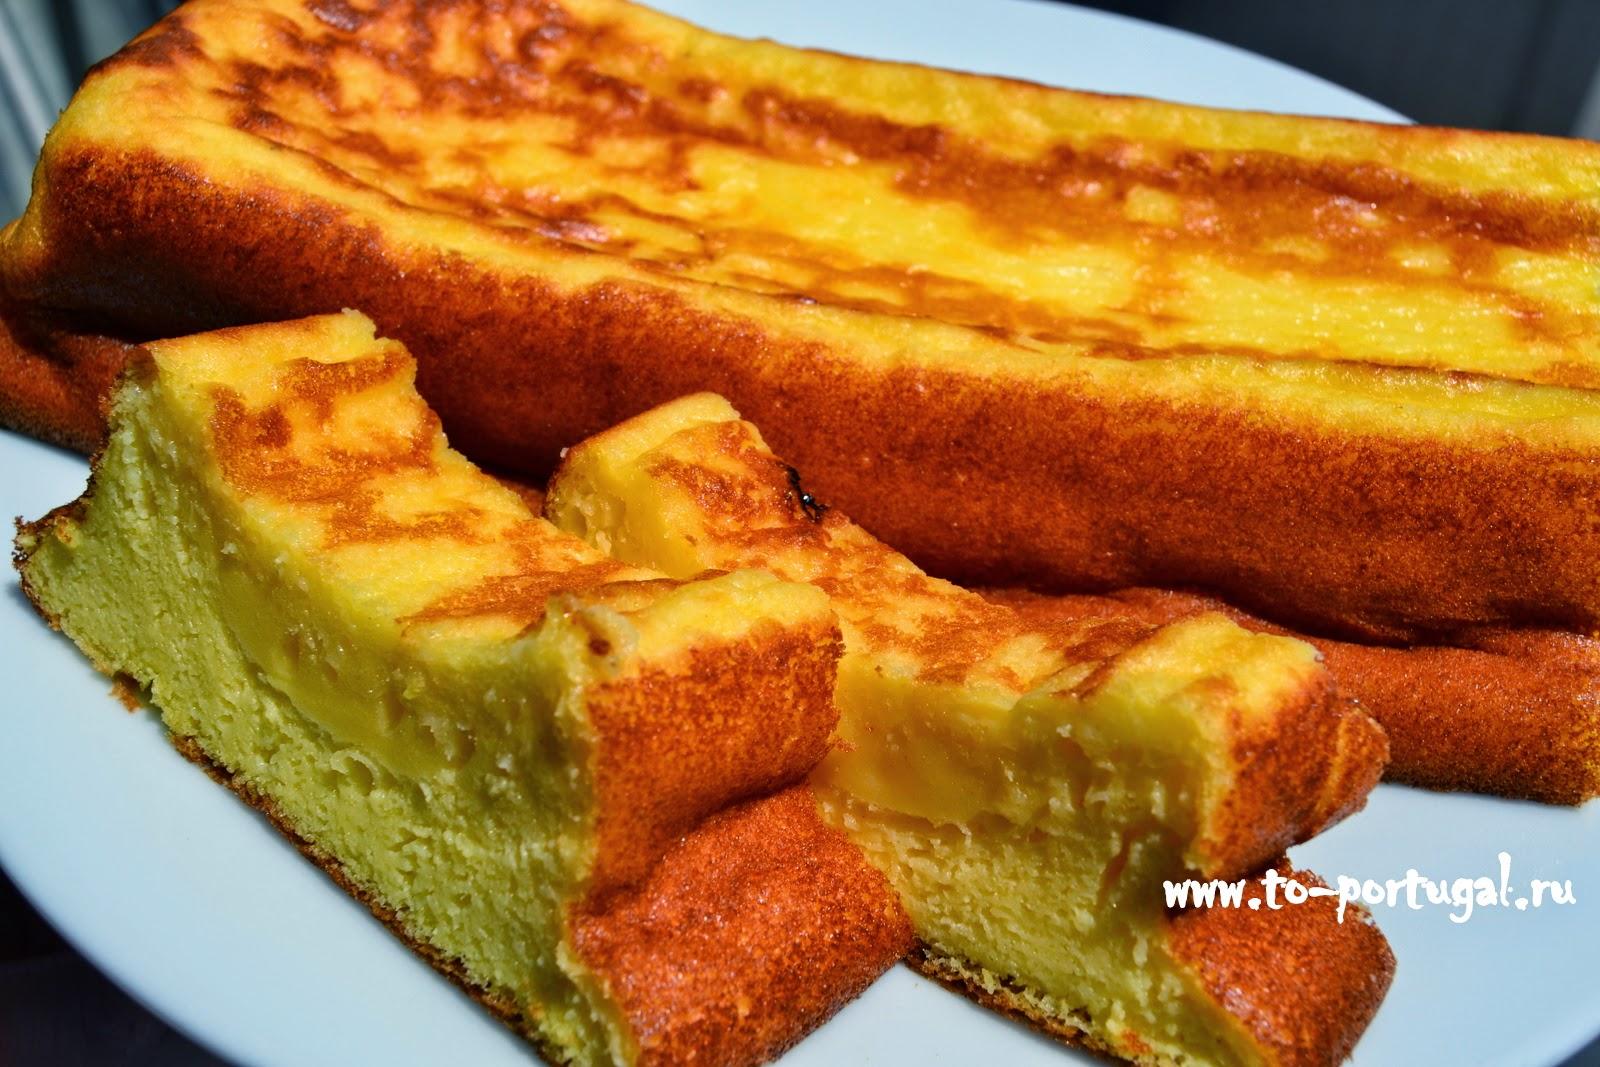 португальская кухня, португальская выпечка